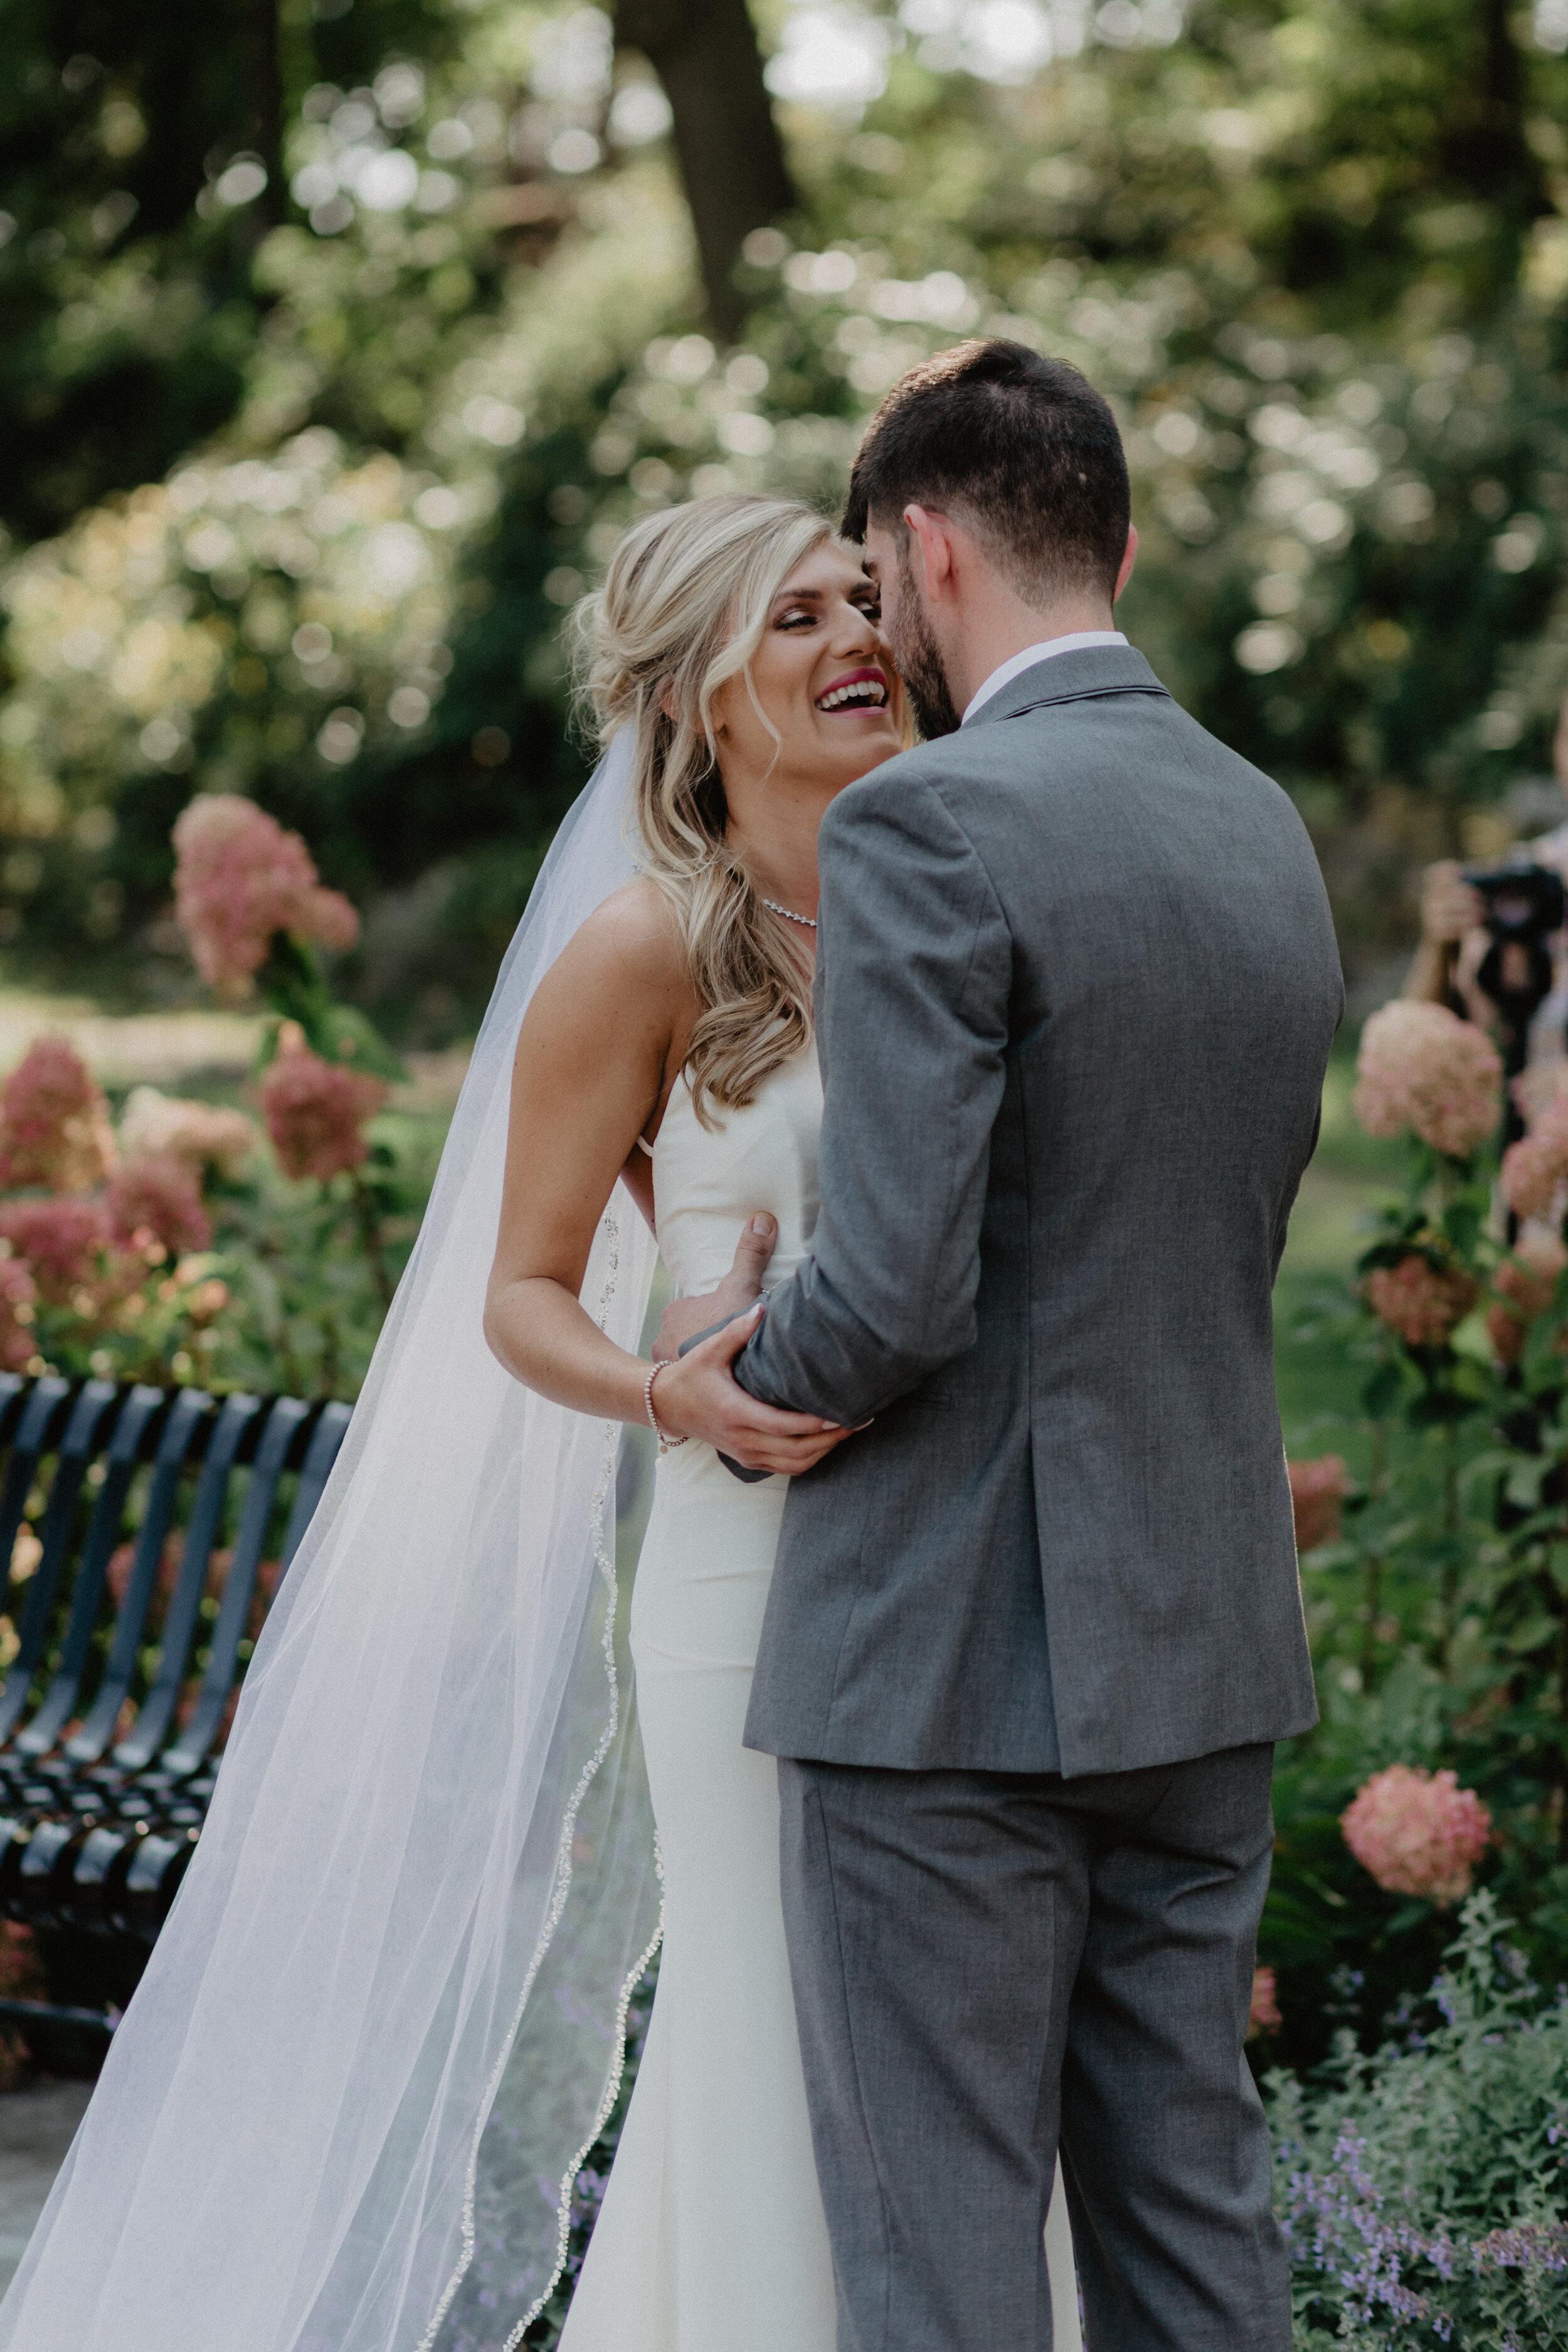 schenectady-new-york-wedding018.jpg